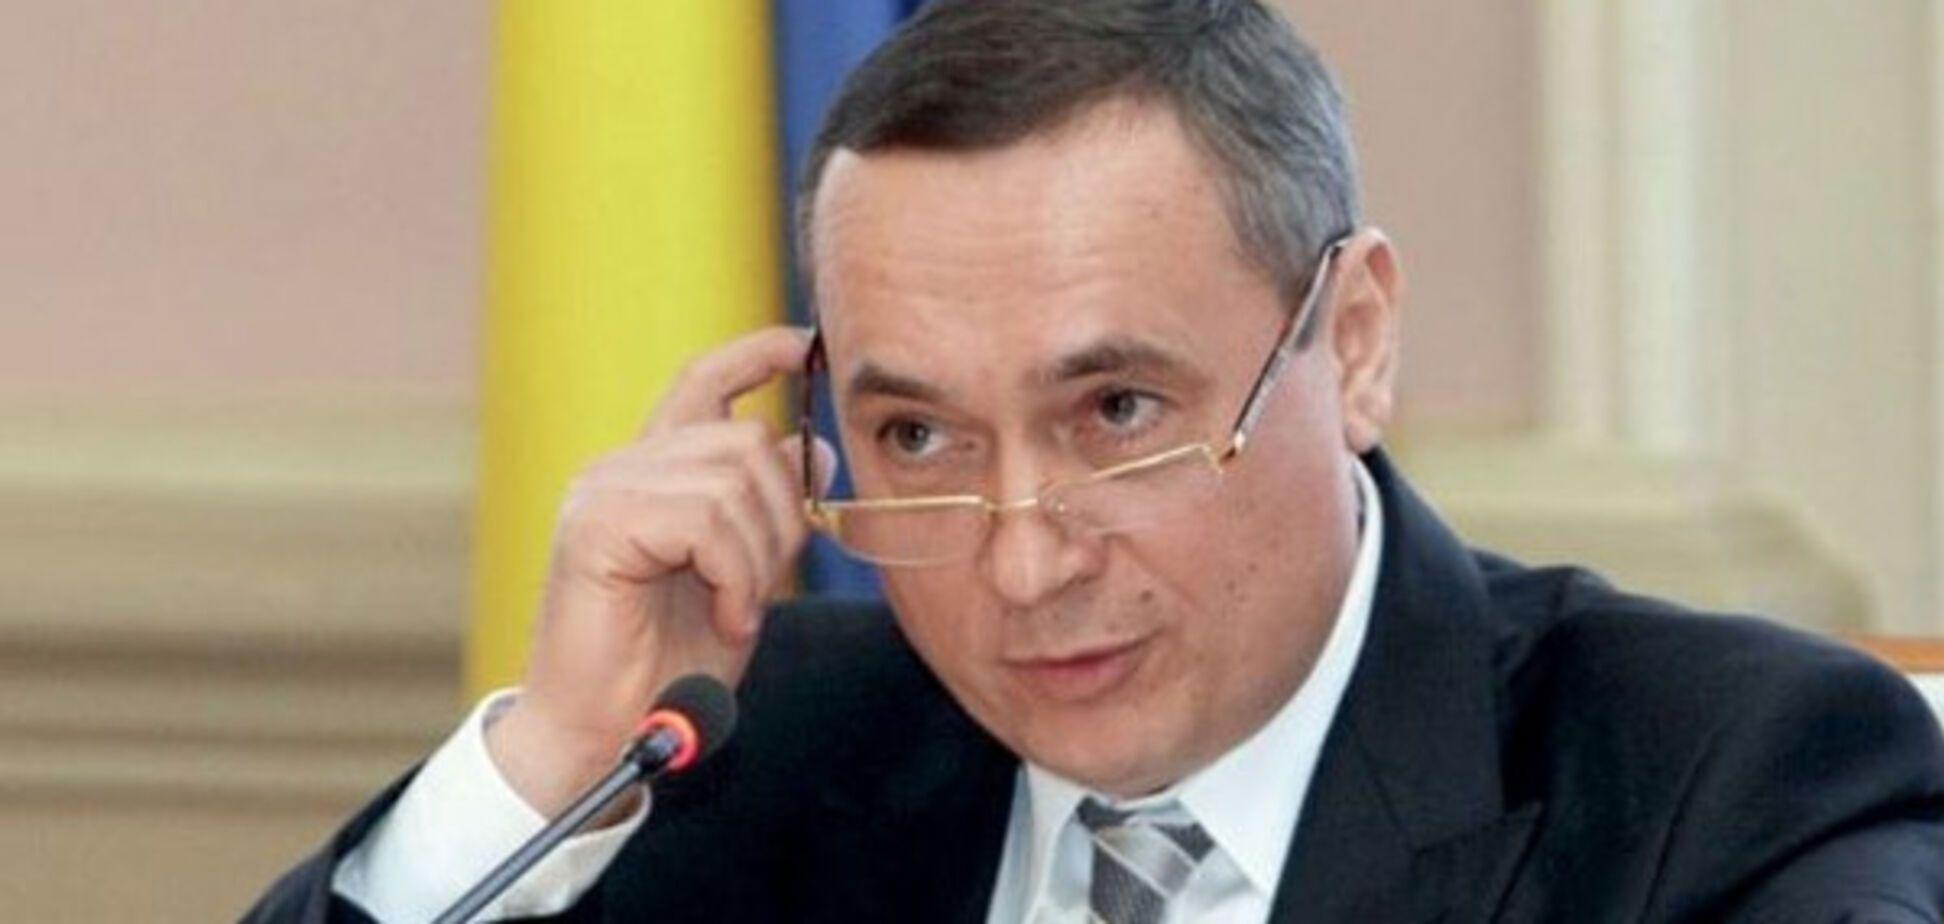 Мартыненко прокомментировал нашумевшую встречу с Онищенко